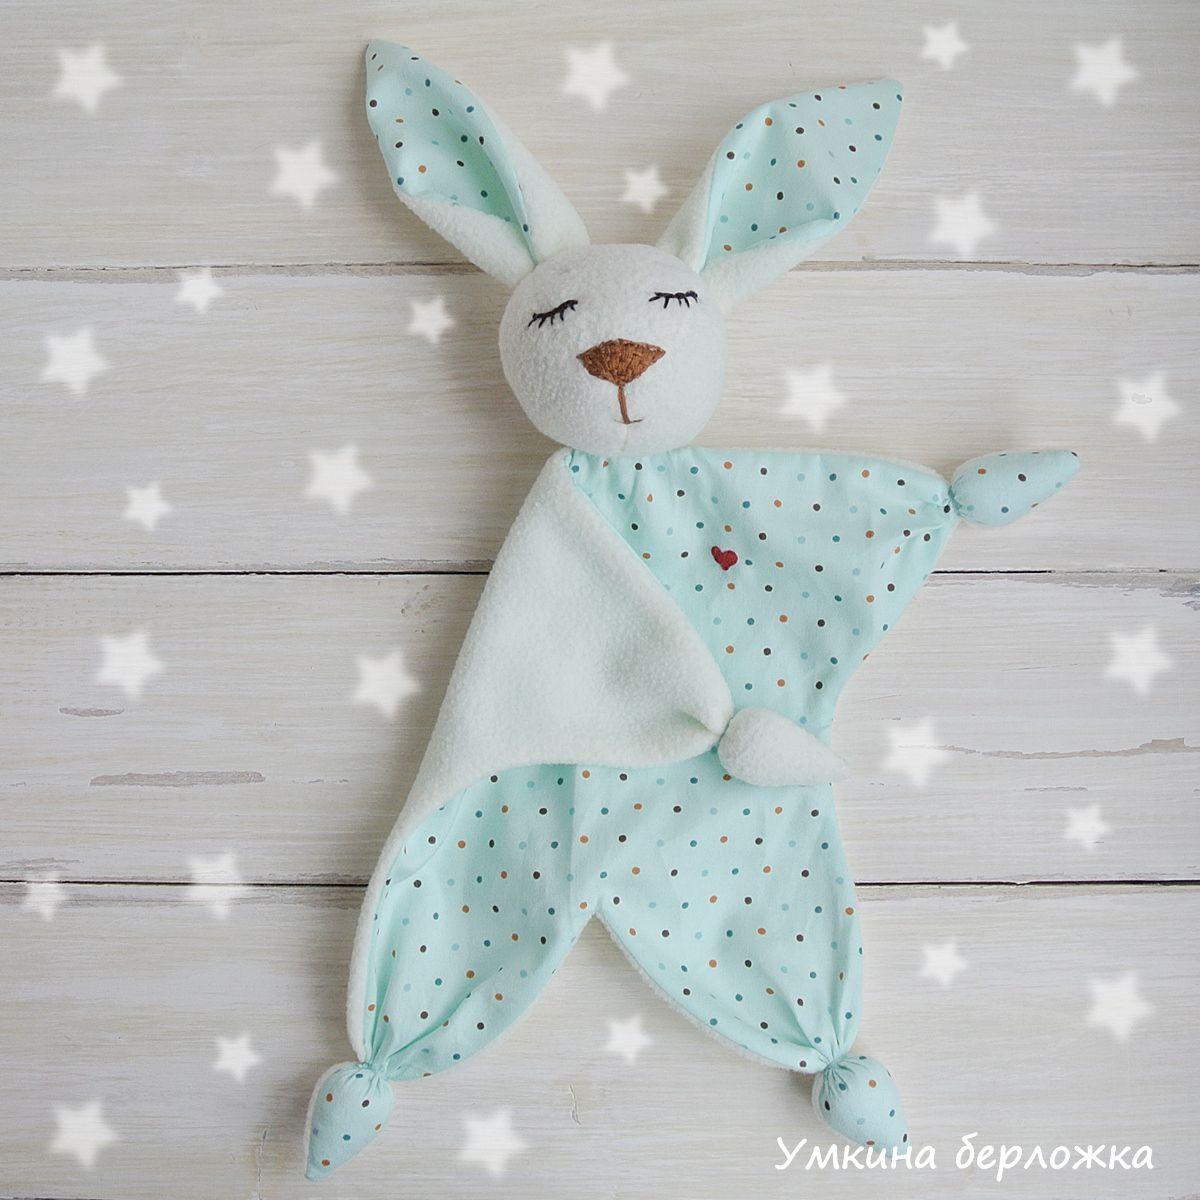 игрушки сплюшка подарокноворожденному комфортер игрушкадлясна подарокребенку заяц зайчик вкроватку зайка игрушка